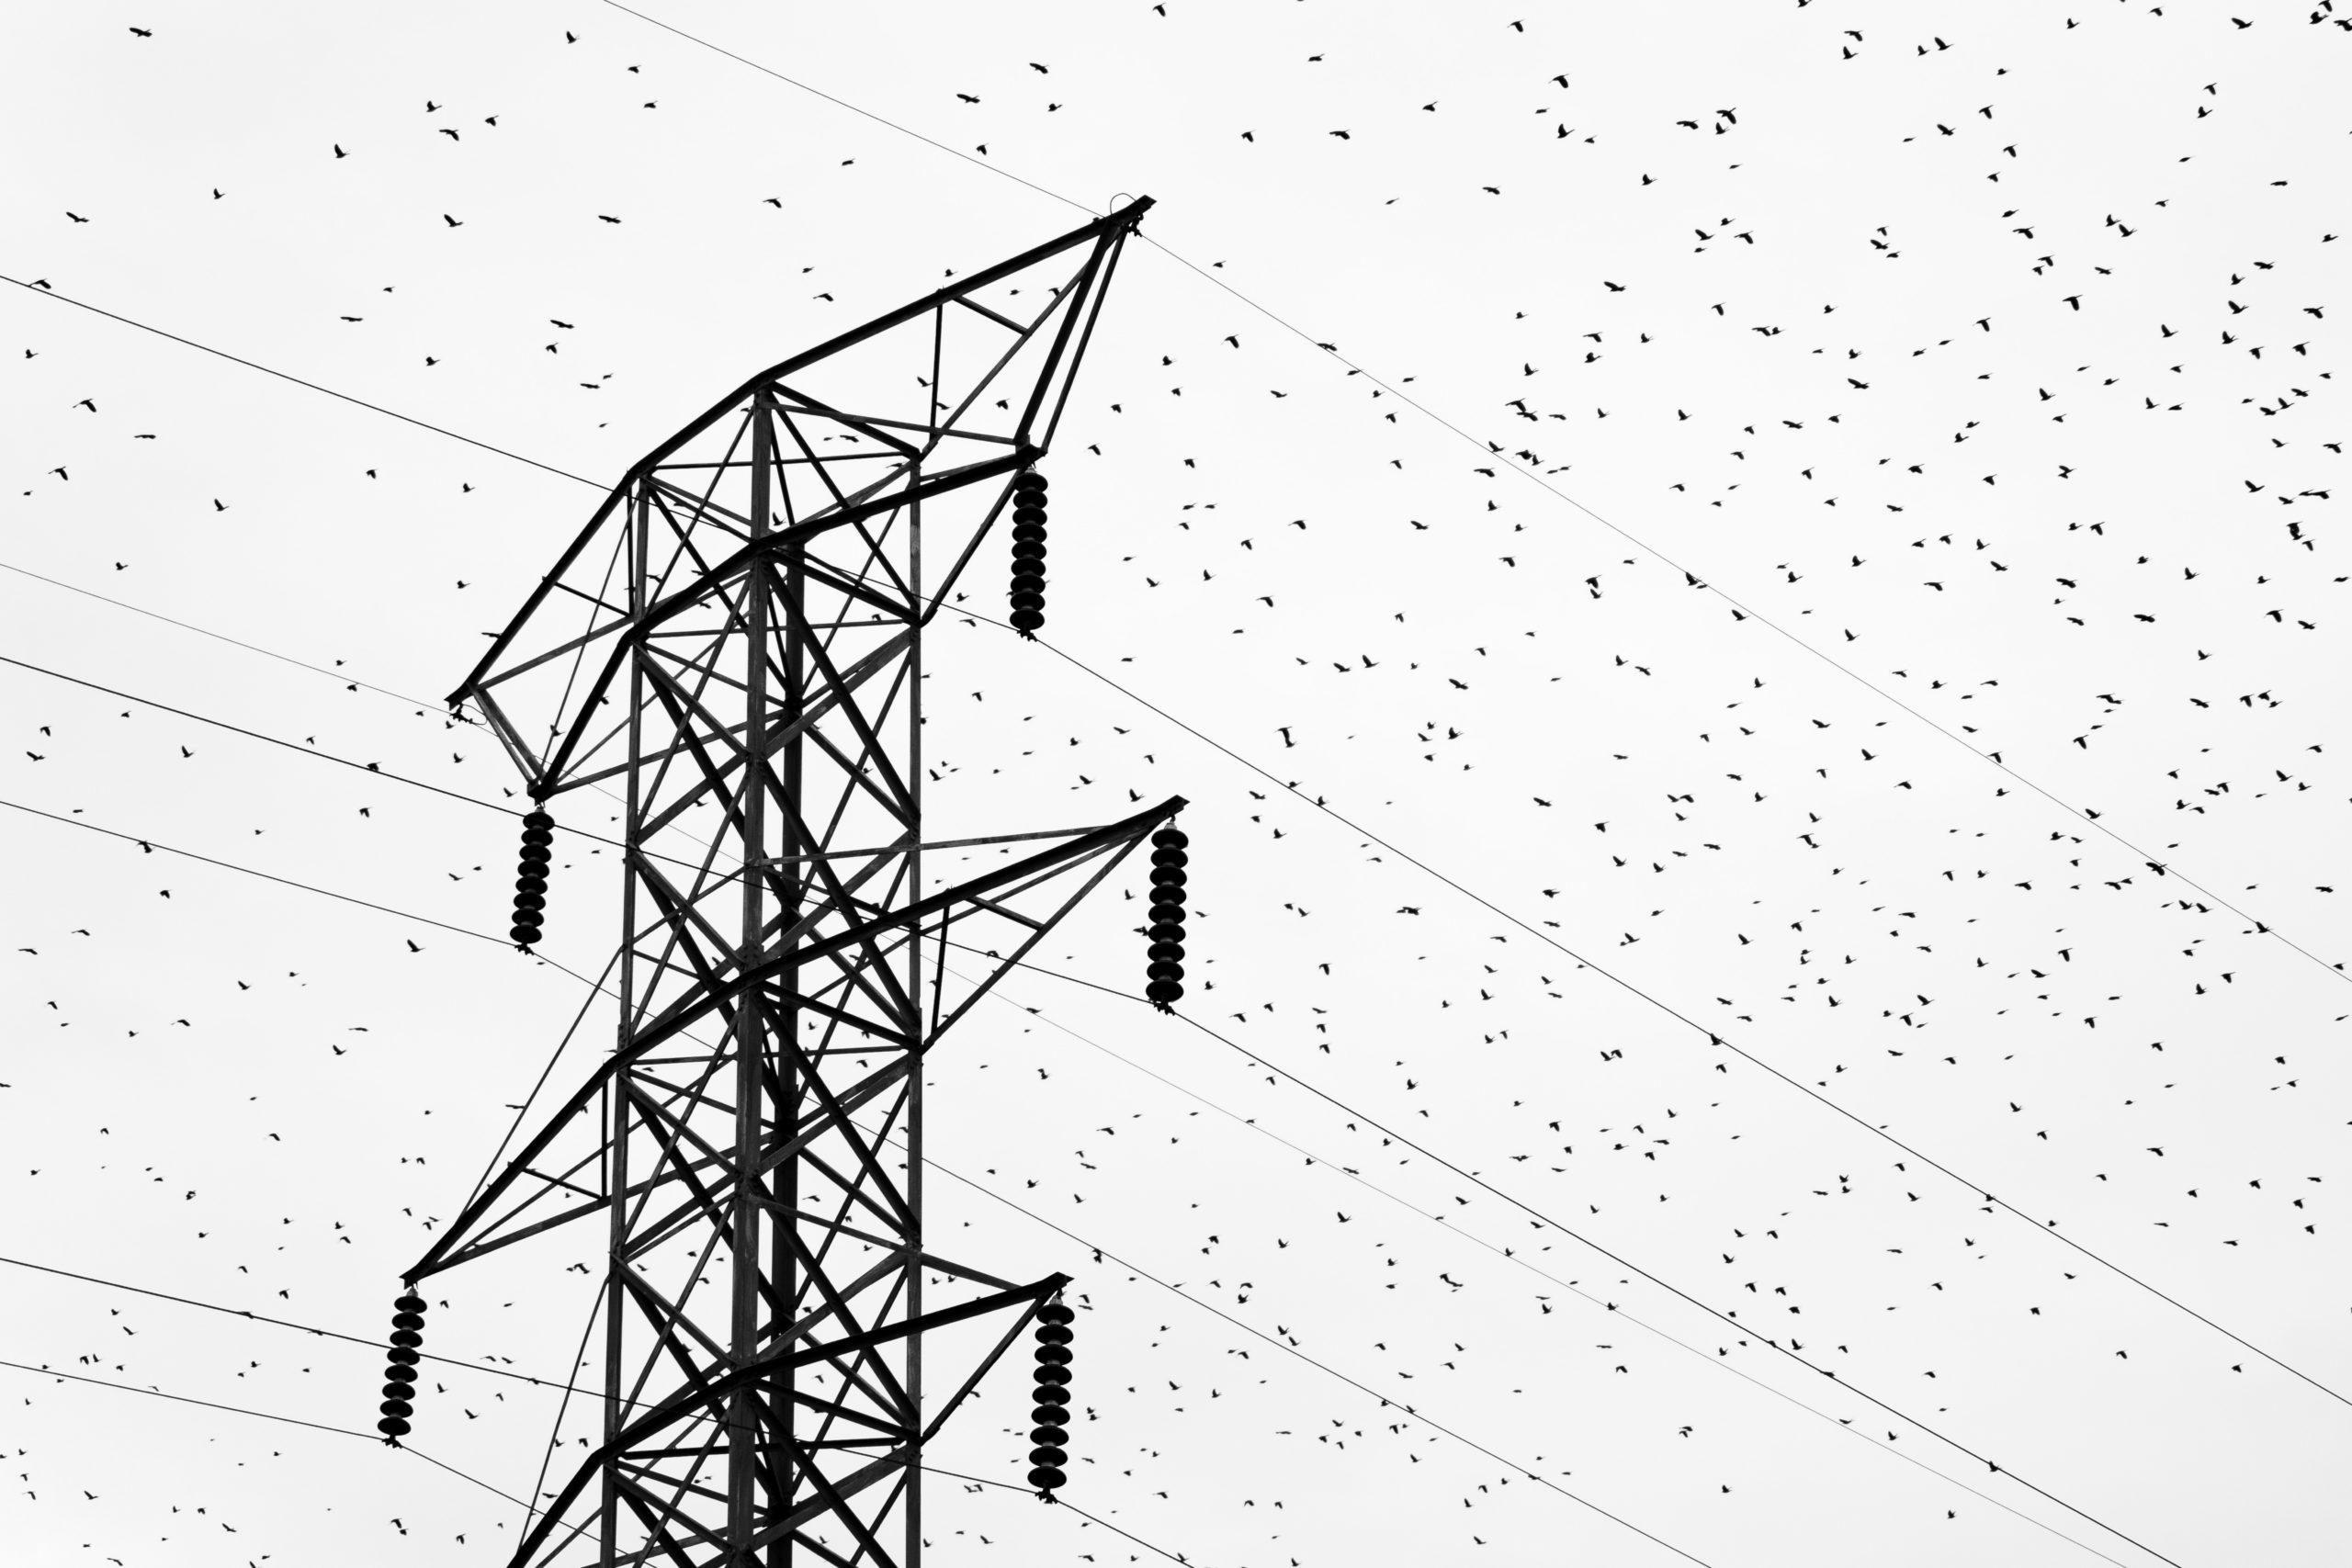 Transition énergétique : le jeu d'équilibriste de RTE pour adapter le réseau de transport d'électricité